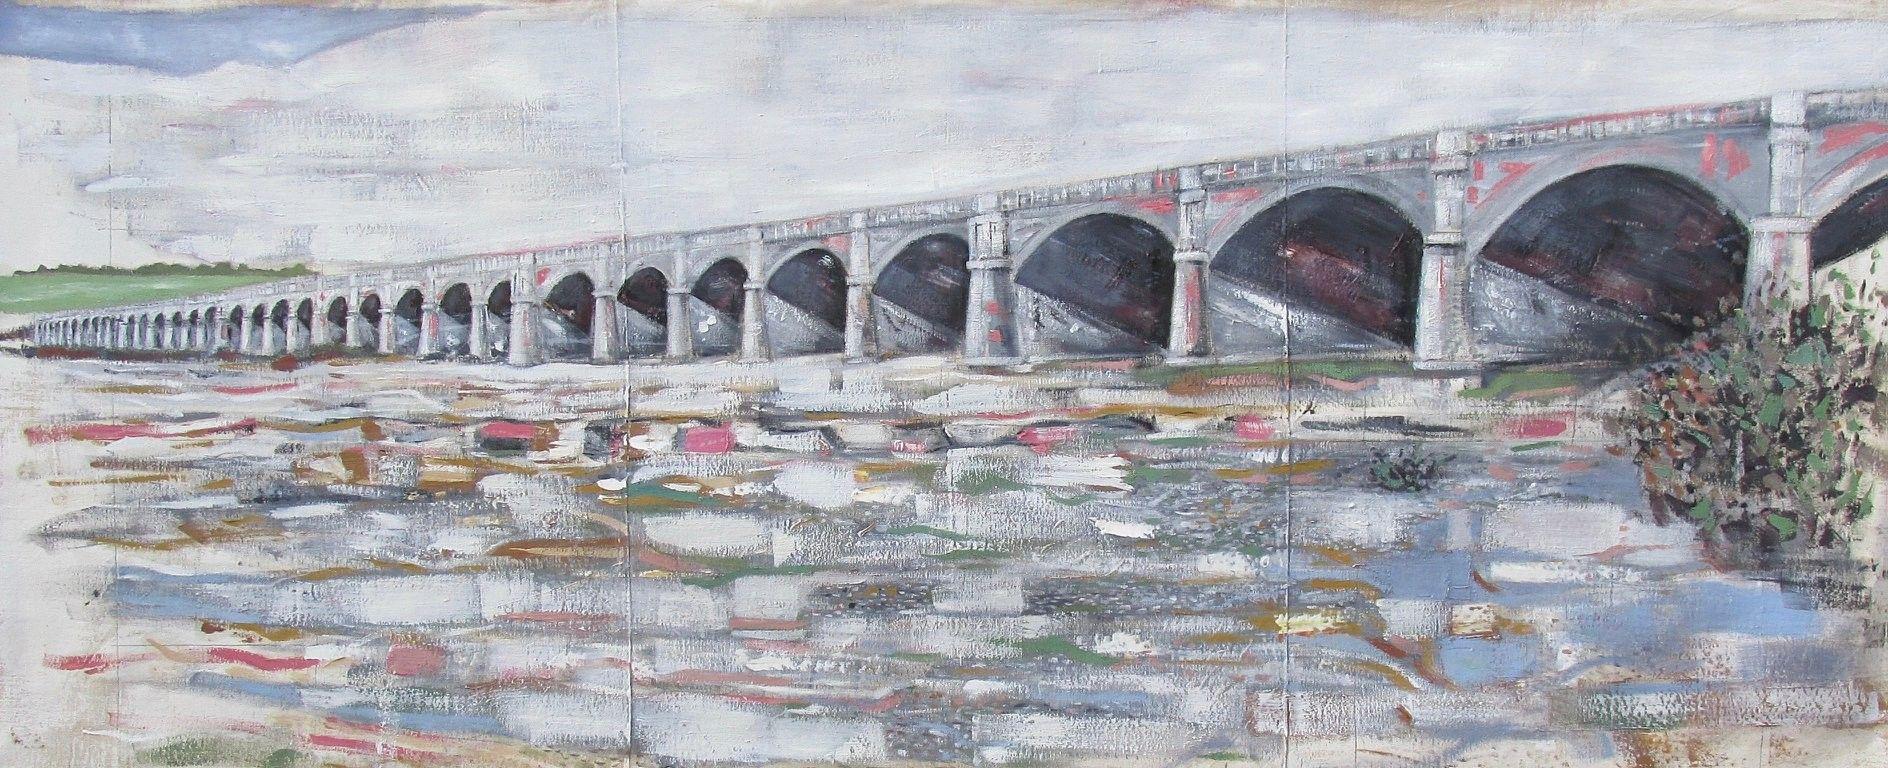 OLIO SU TELA FRANCESCO TONIUTTI ' MEMORIE DEL FIUME - PONTE - '  dimensioni L 220 x H 90 cm.